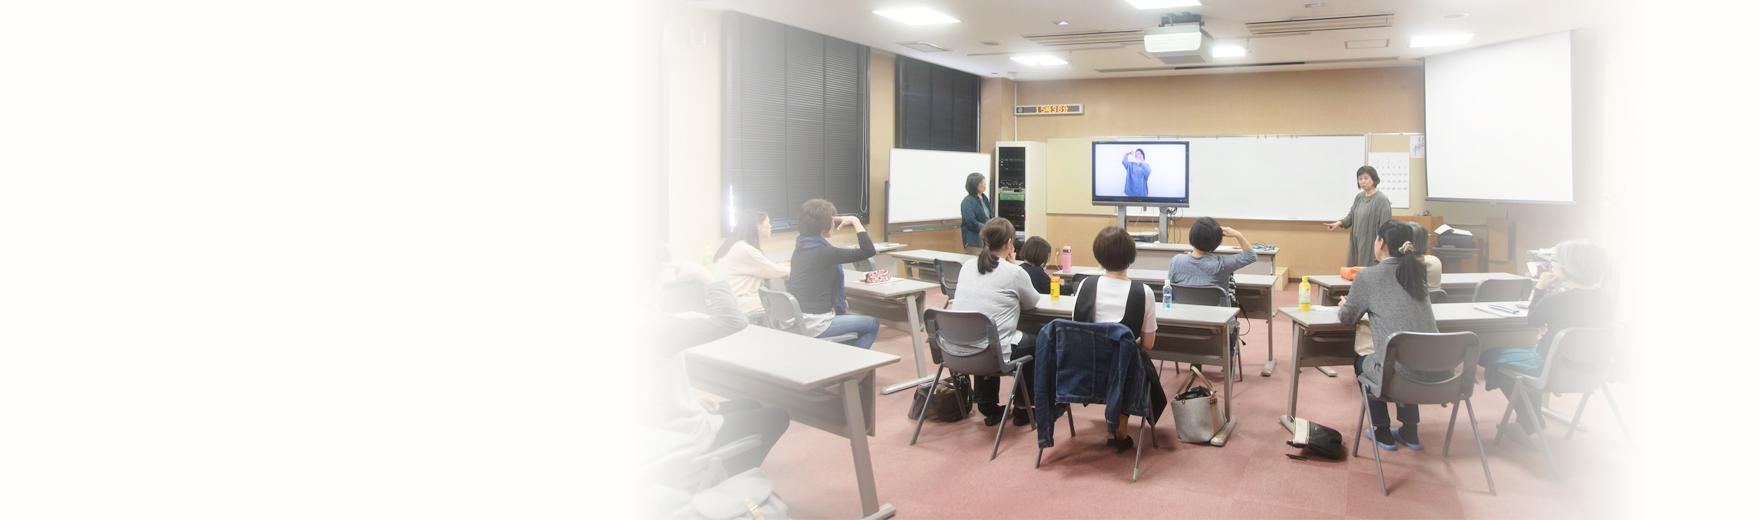 聴覚障害者情報提供施設 | 滋賀県立聴覚障害者センター